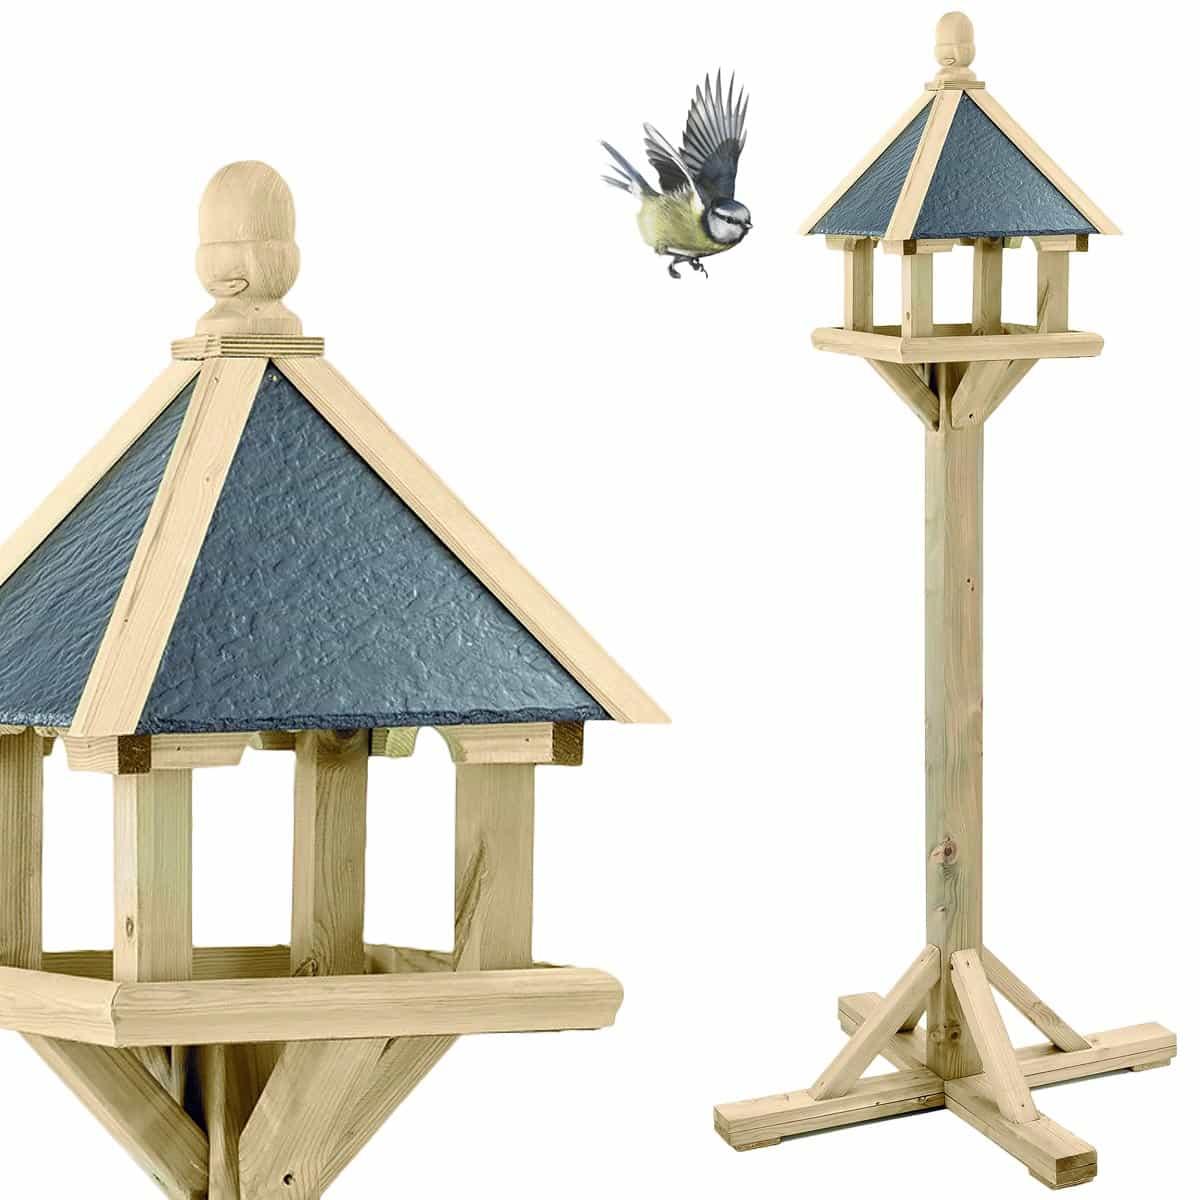 jardins anim s animaux oiseaux mangeoires bains d 39 oiseaux mangeoire sur pied wilton toit effet. Black Bedroom Furniture Sets. Home Design Ideas